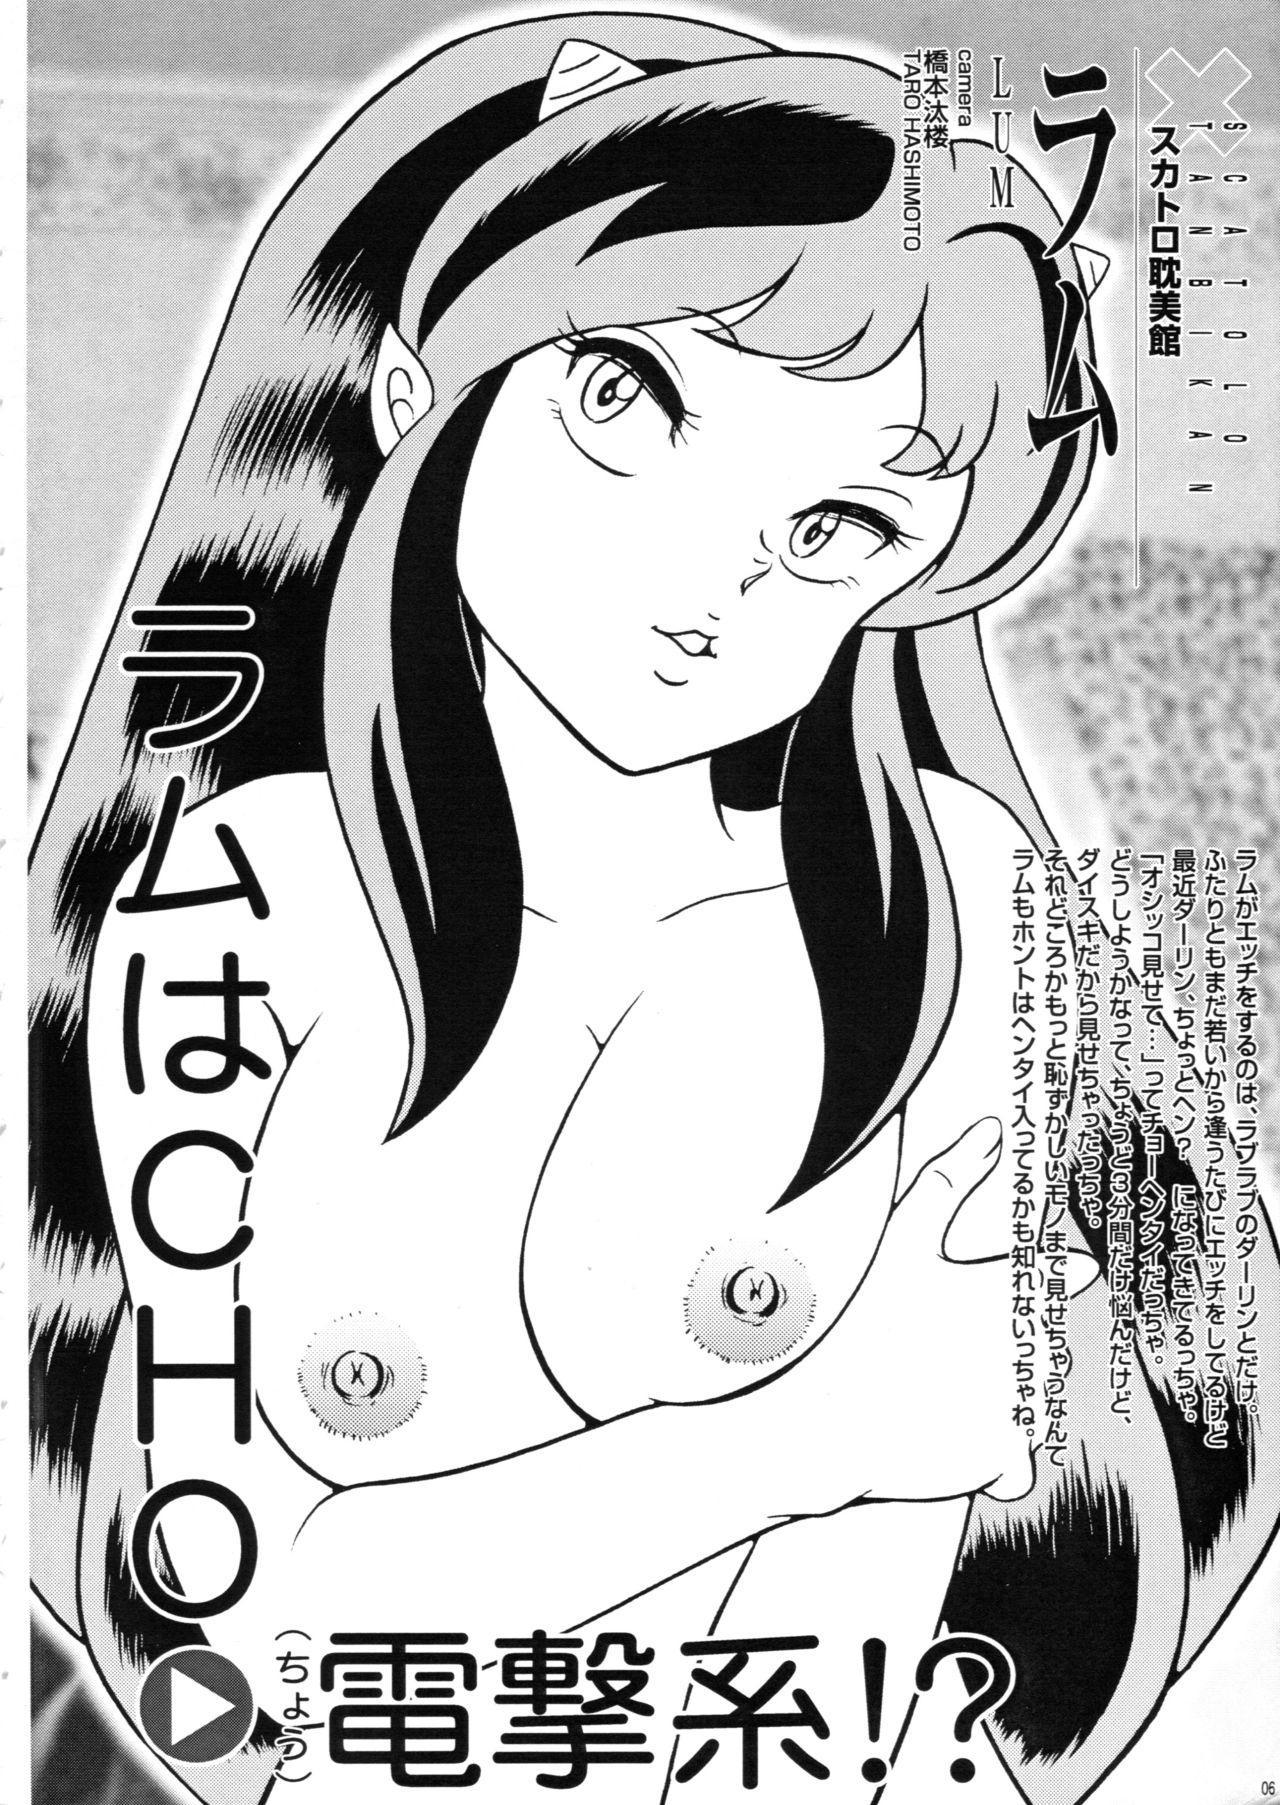 Saku-chan Club Vol. 02 4